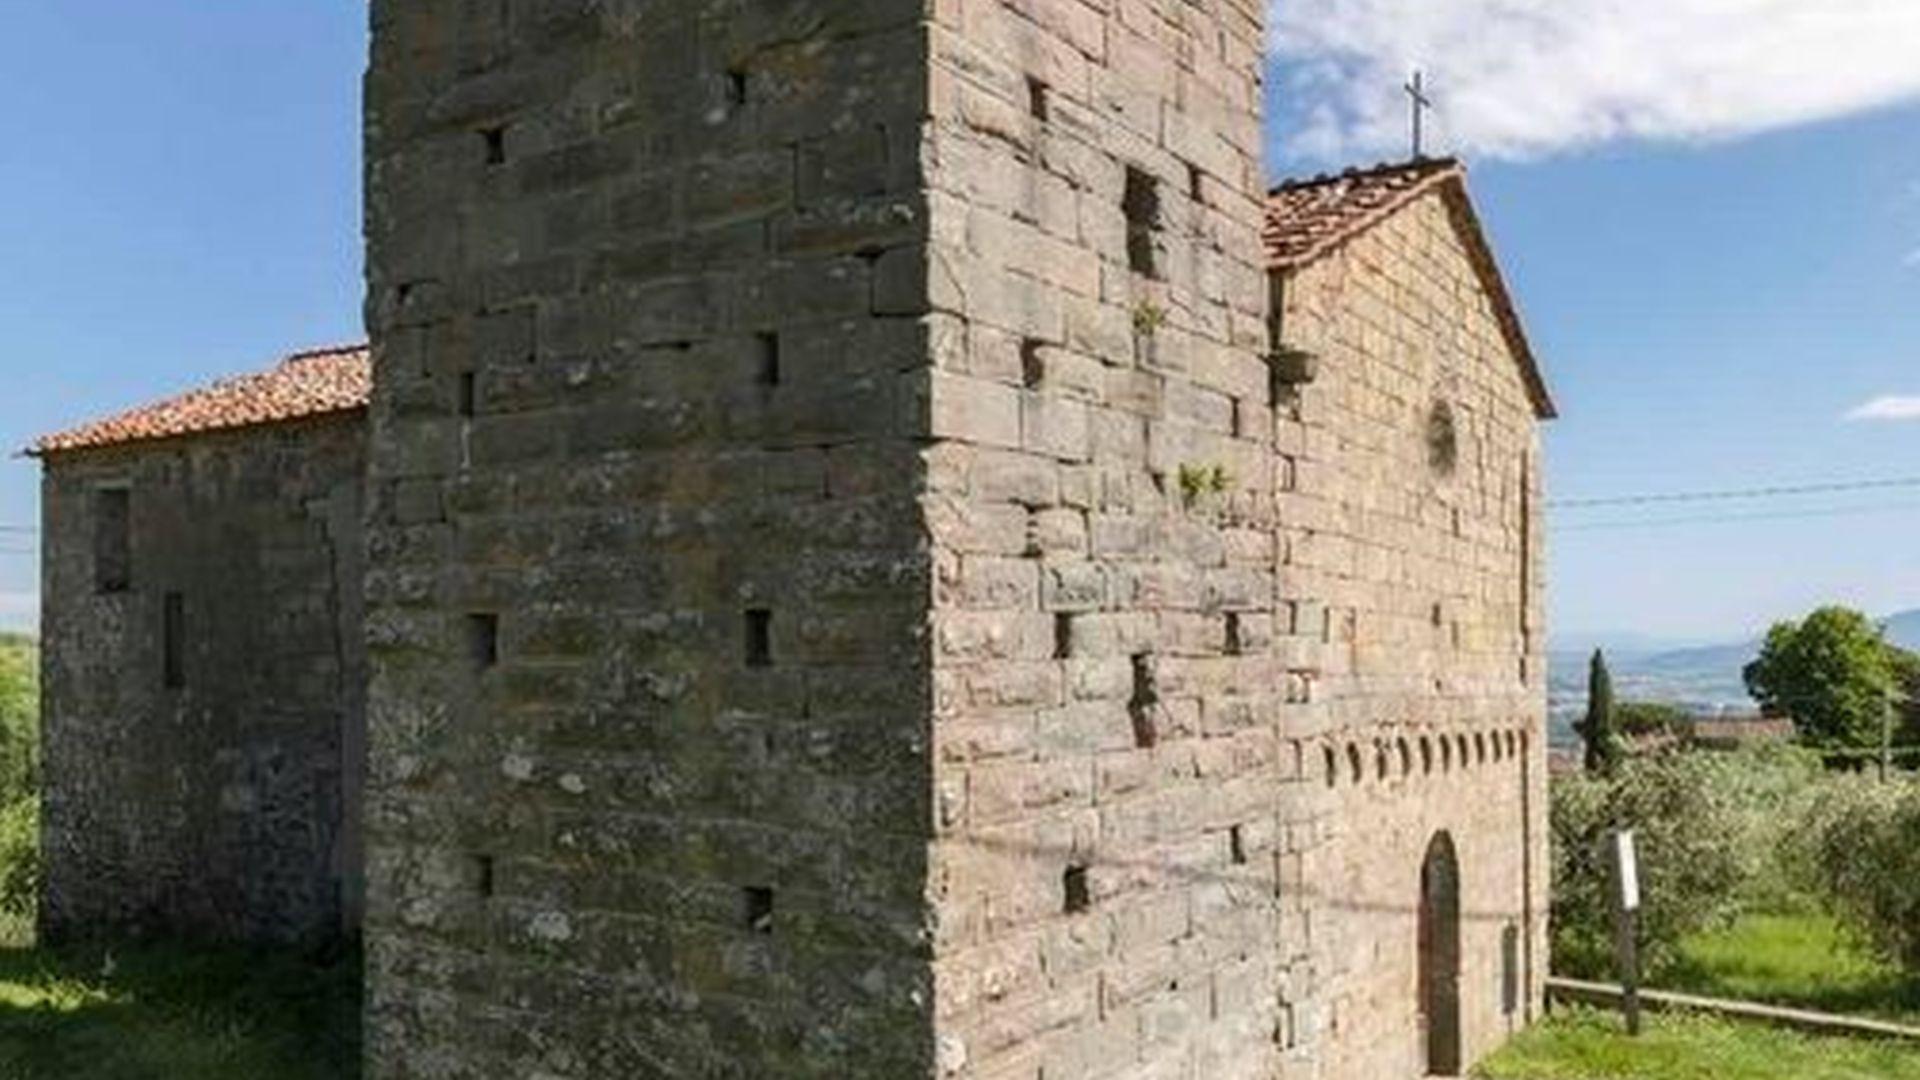 parrish church san Quirico e Giulitta